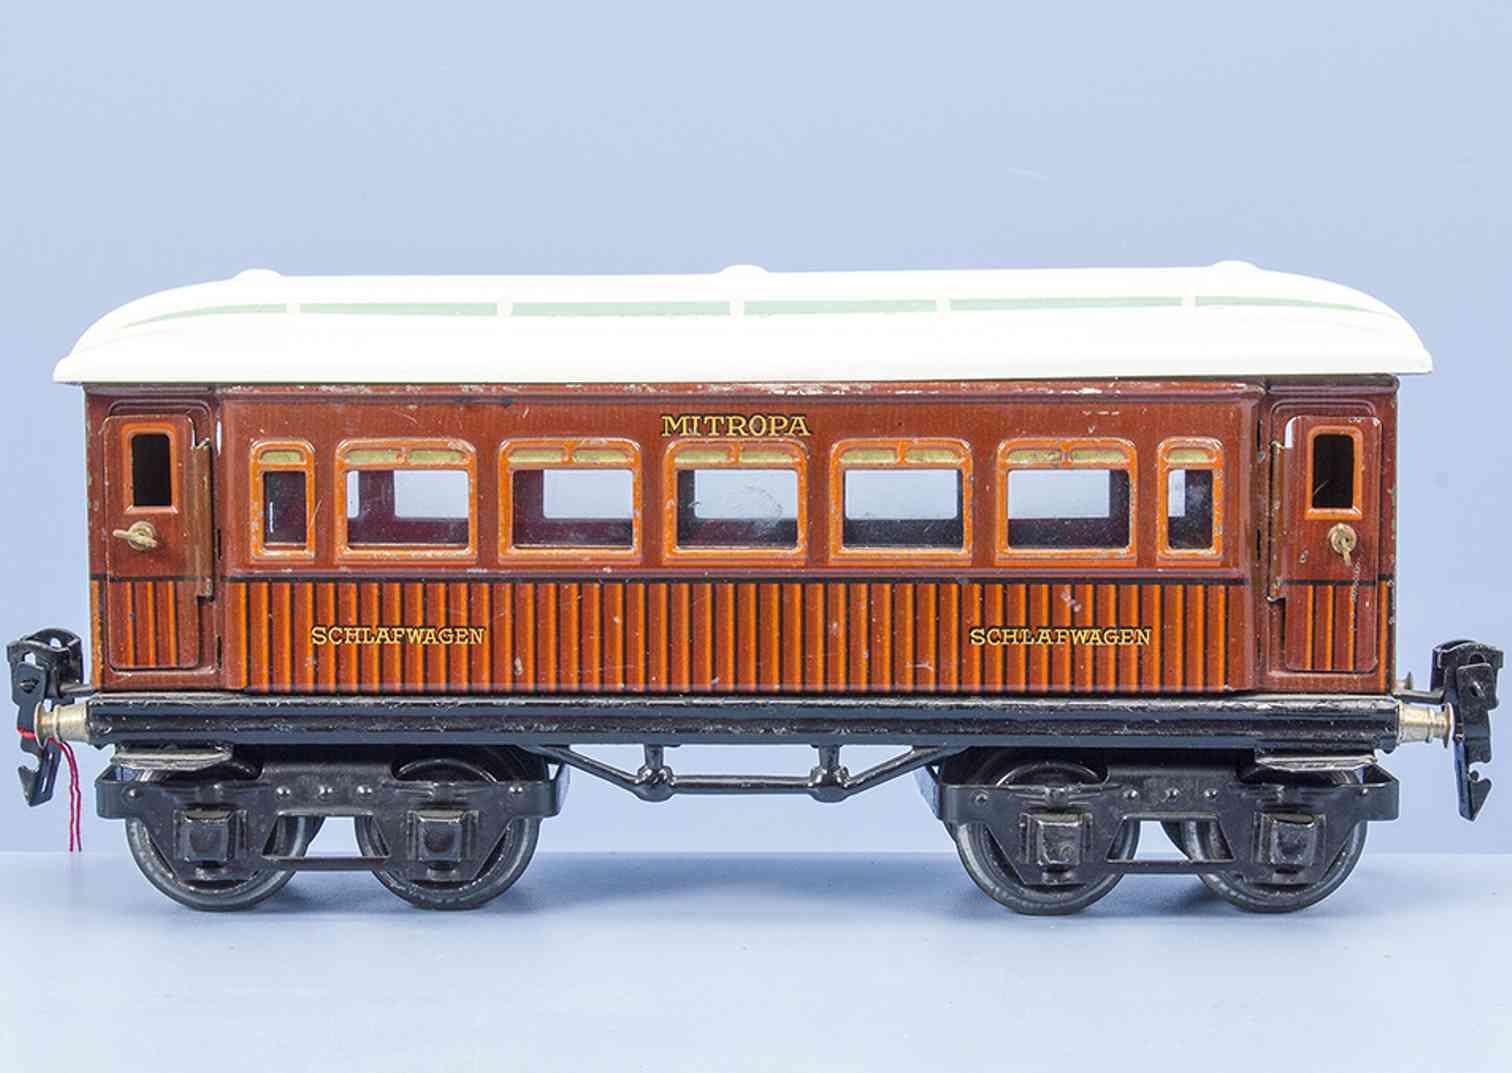 maerklin 1886/0 sch 1929 spielzeug eisenbahn mitropa schlafwagen spur 0